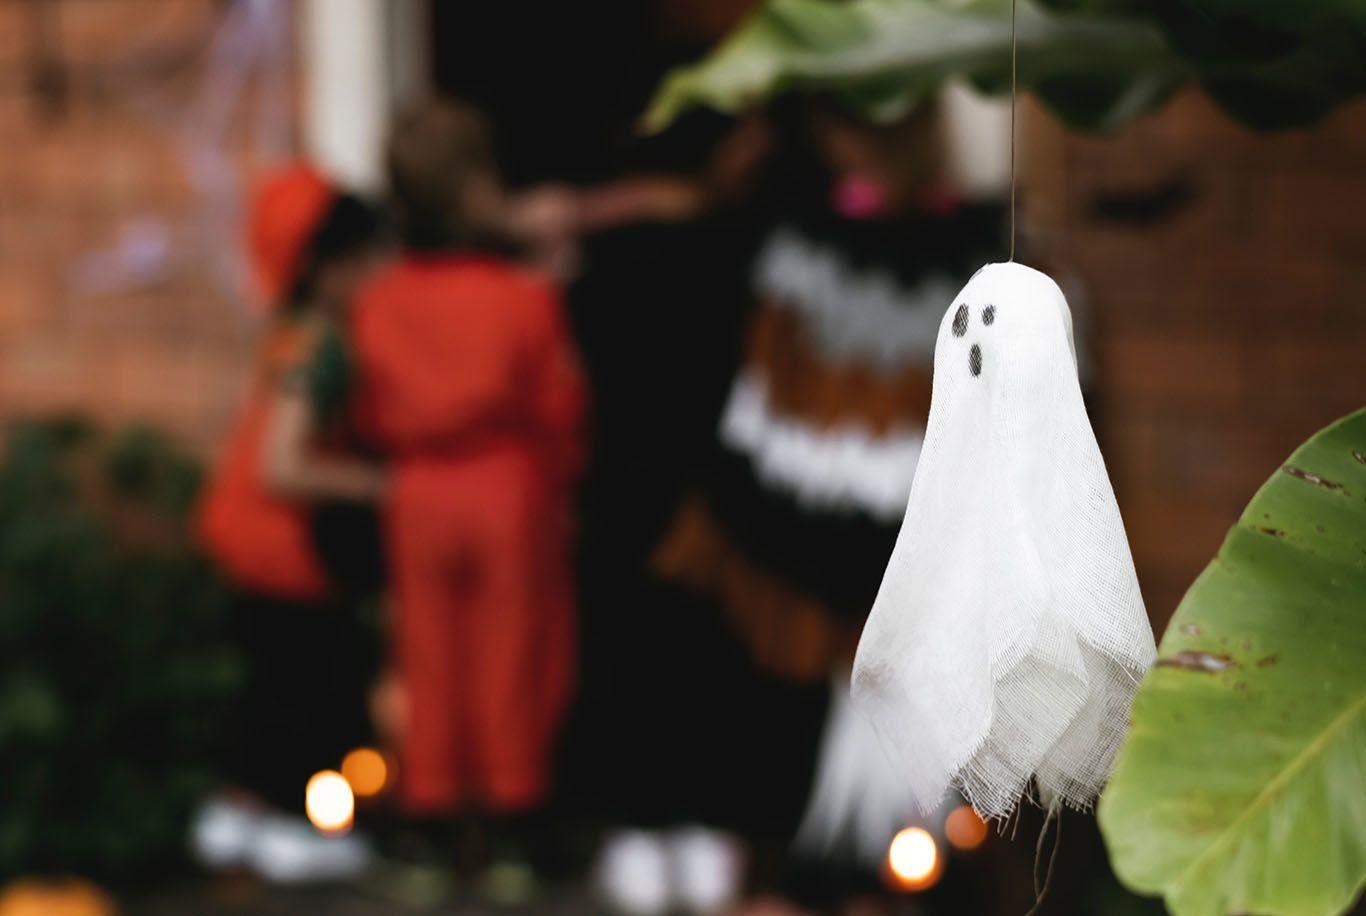 Habis Nonton Film Horor? 7 Tips Usir Takut agar Bisa Tidur Nyenyak